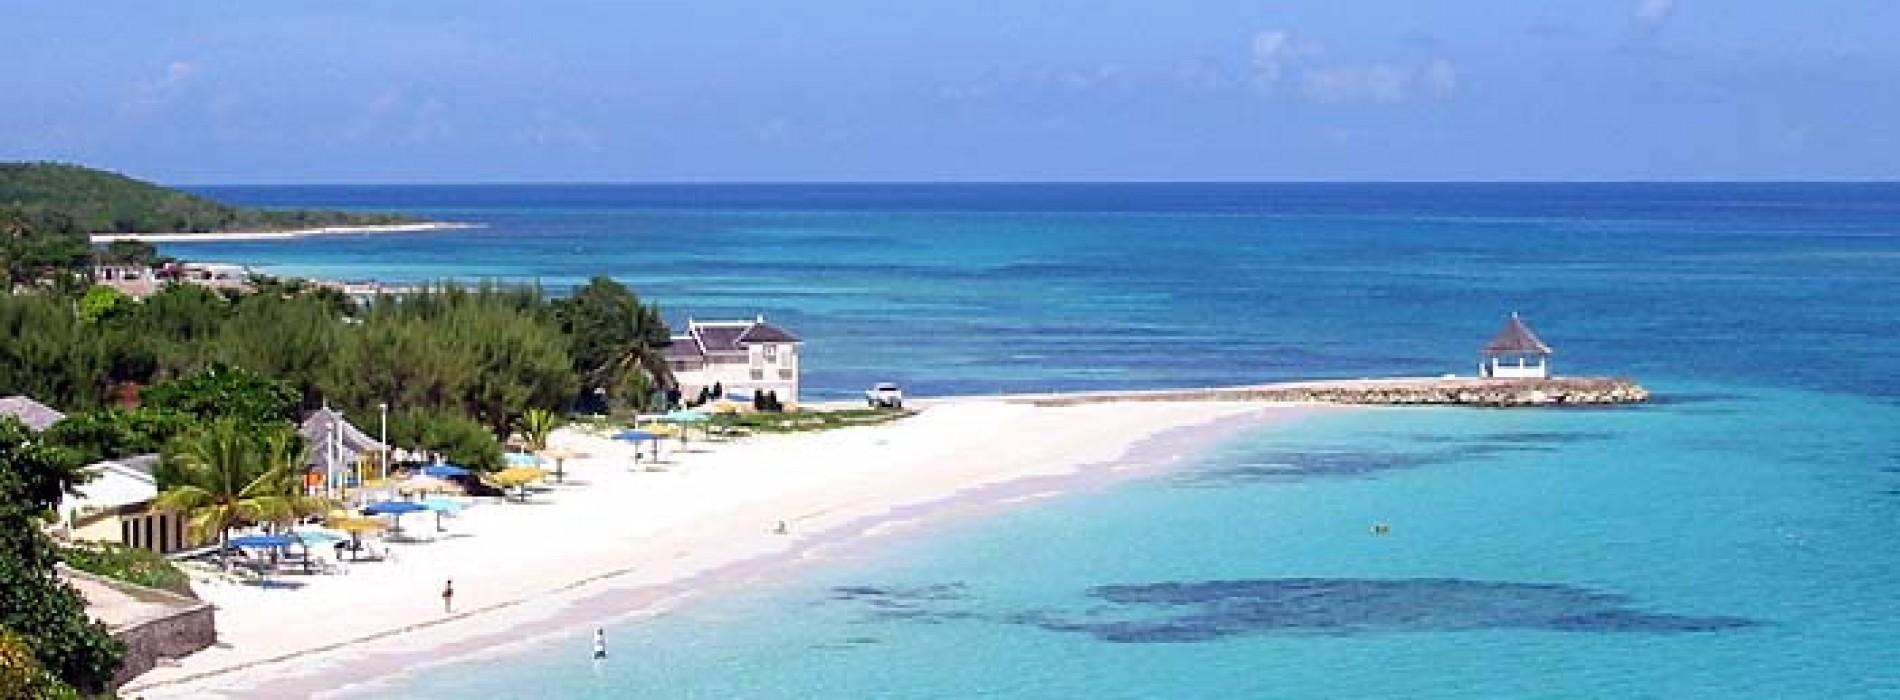 Top 5 Getaways in Jamaica